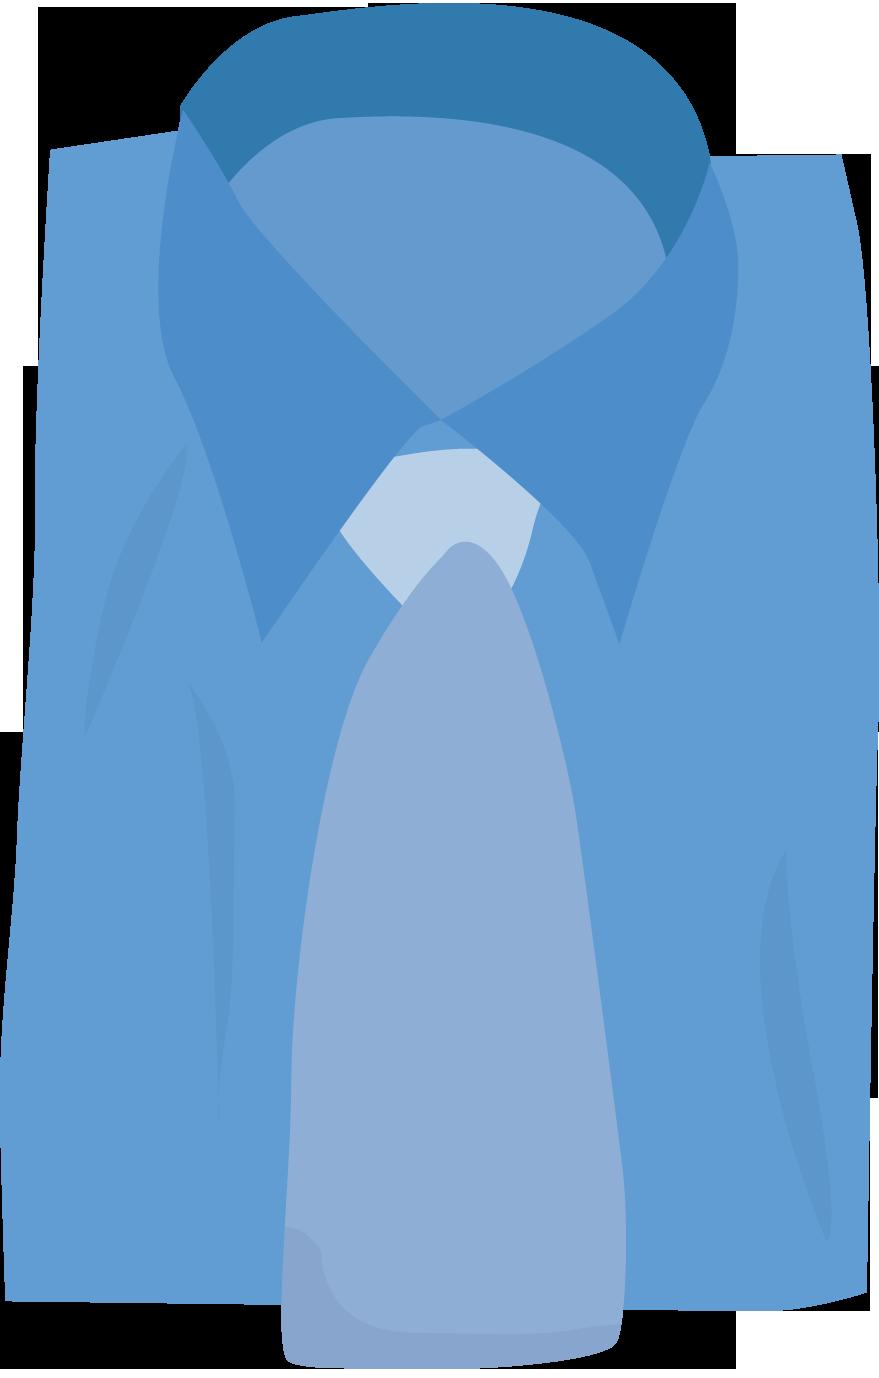 ビジネスのフリー素材 ダウンロード01【素材っち】